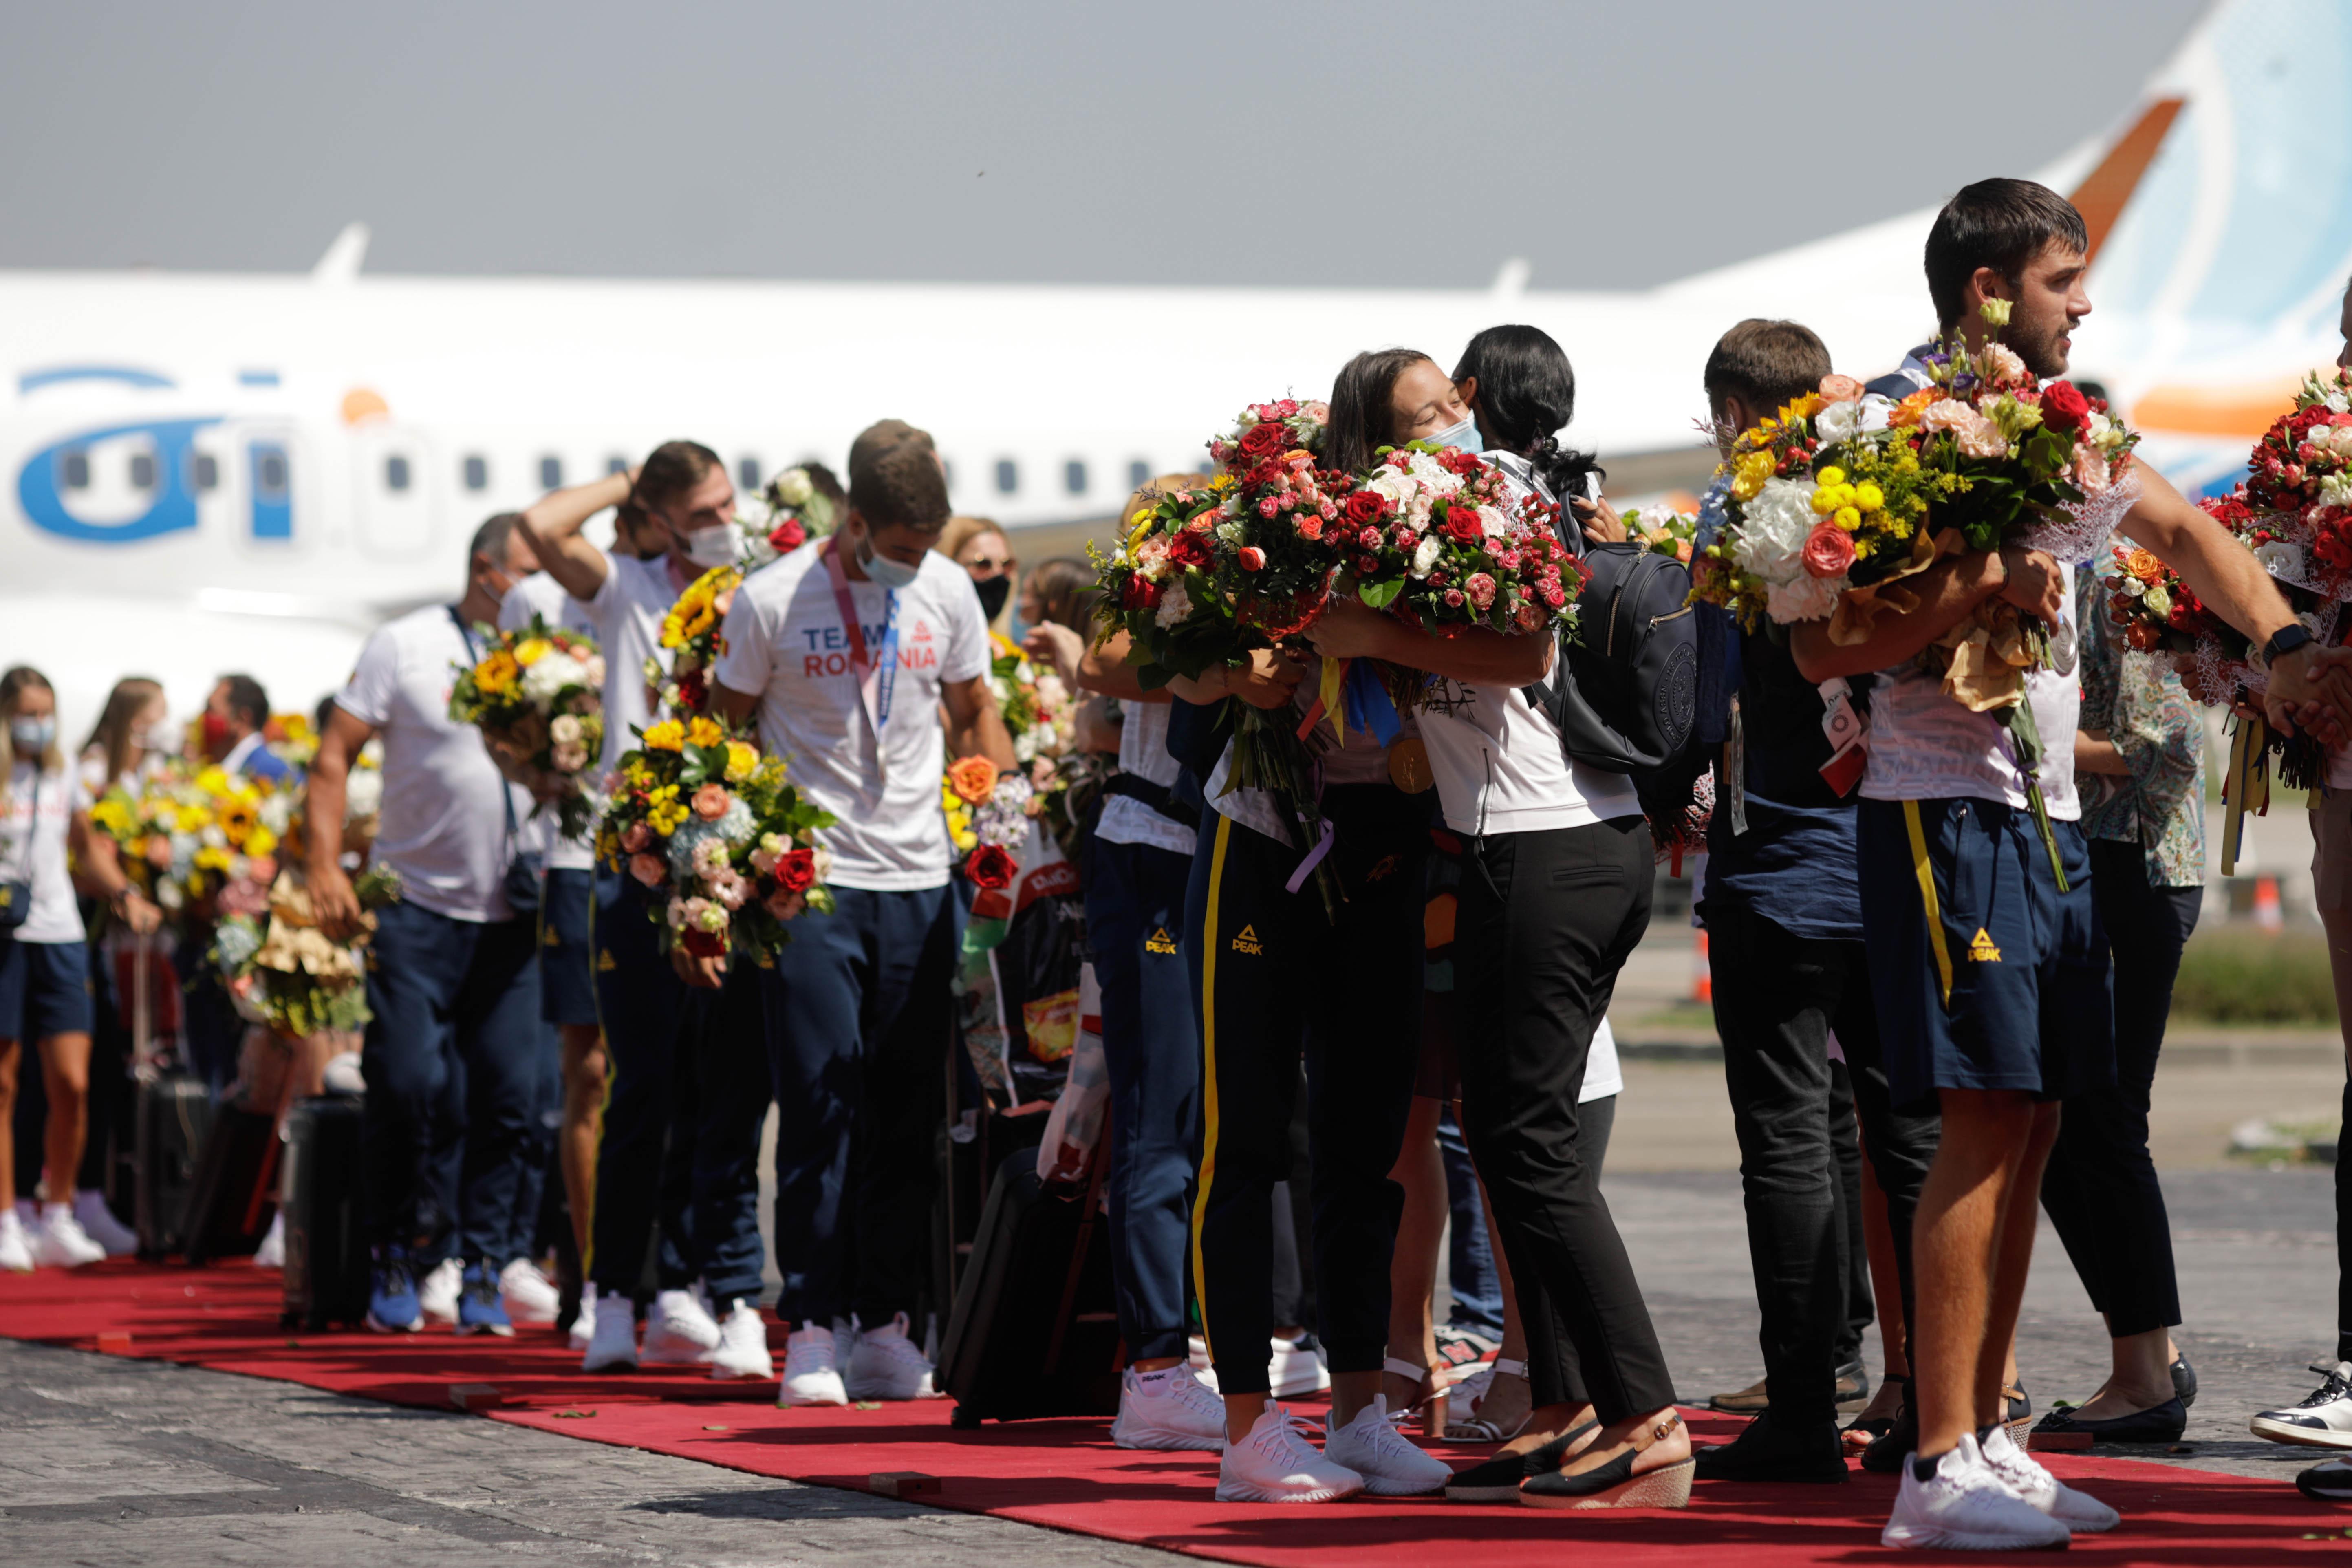 VIDEO. Lotul de canotaj, care a adus României o medalie de aur şi două de argint la JO, a revenit în ţară